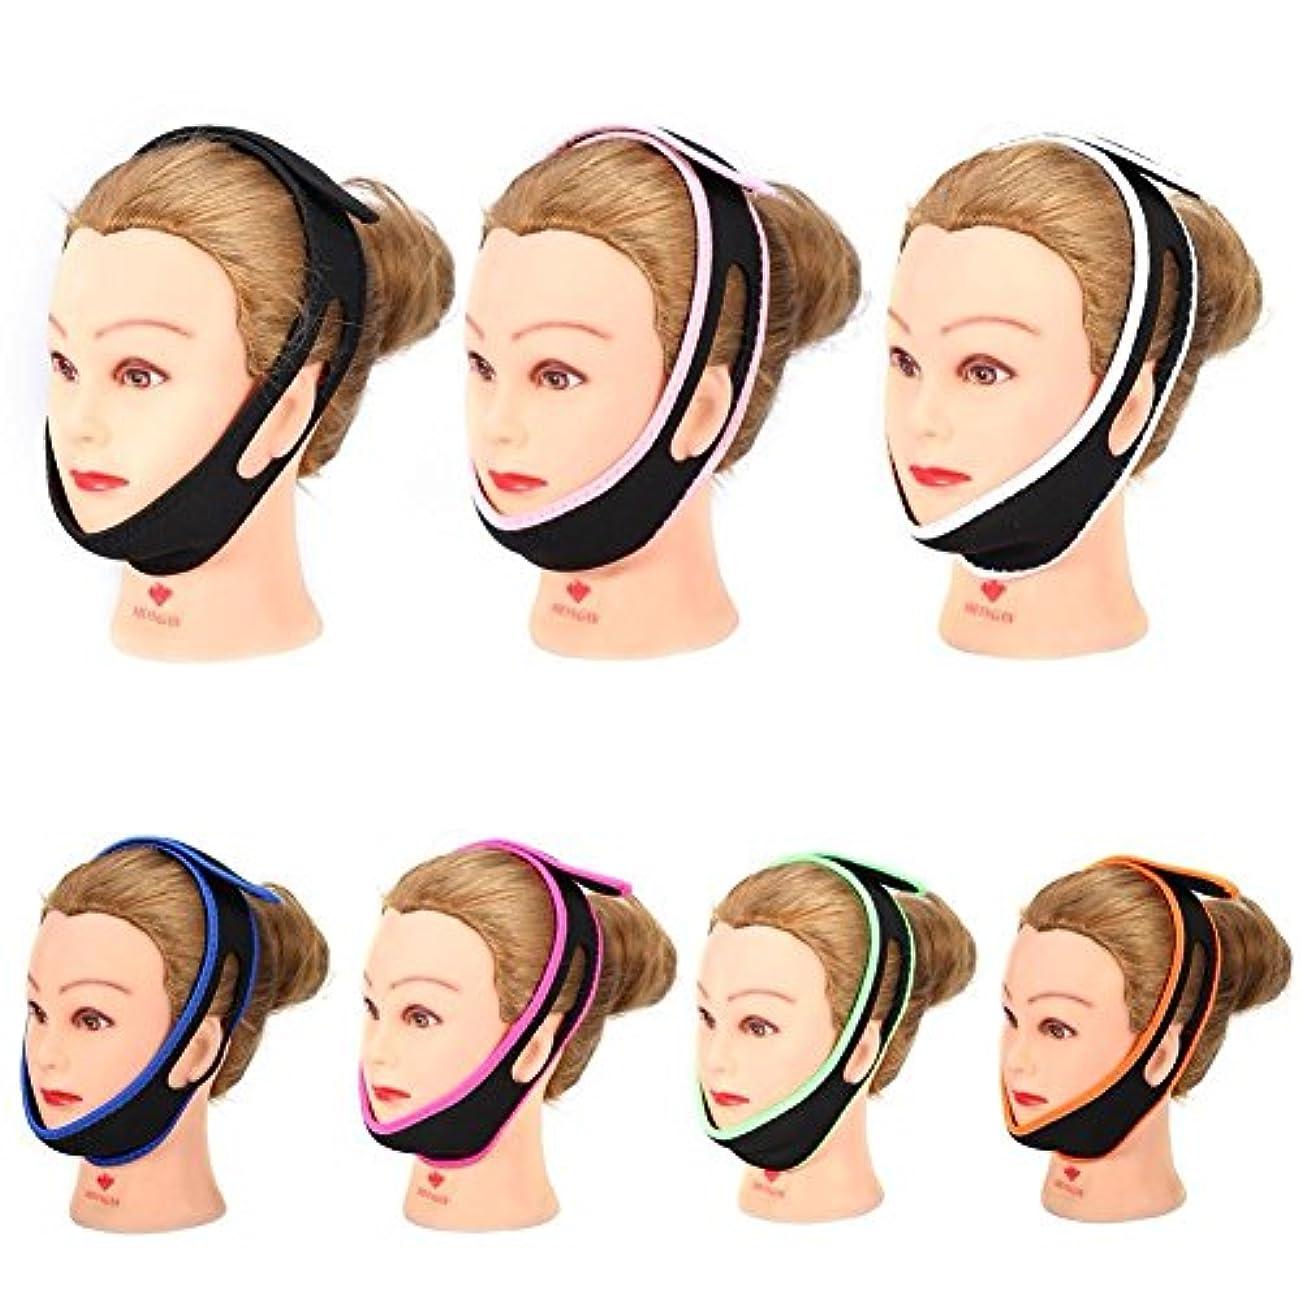 例示する保証する放射能あごストラップベルト繊細なフェイスリフト7色あごサポートストラップスリムマッサージャー睡眠防止いびきヘッドバンドサポート,White